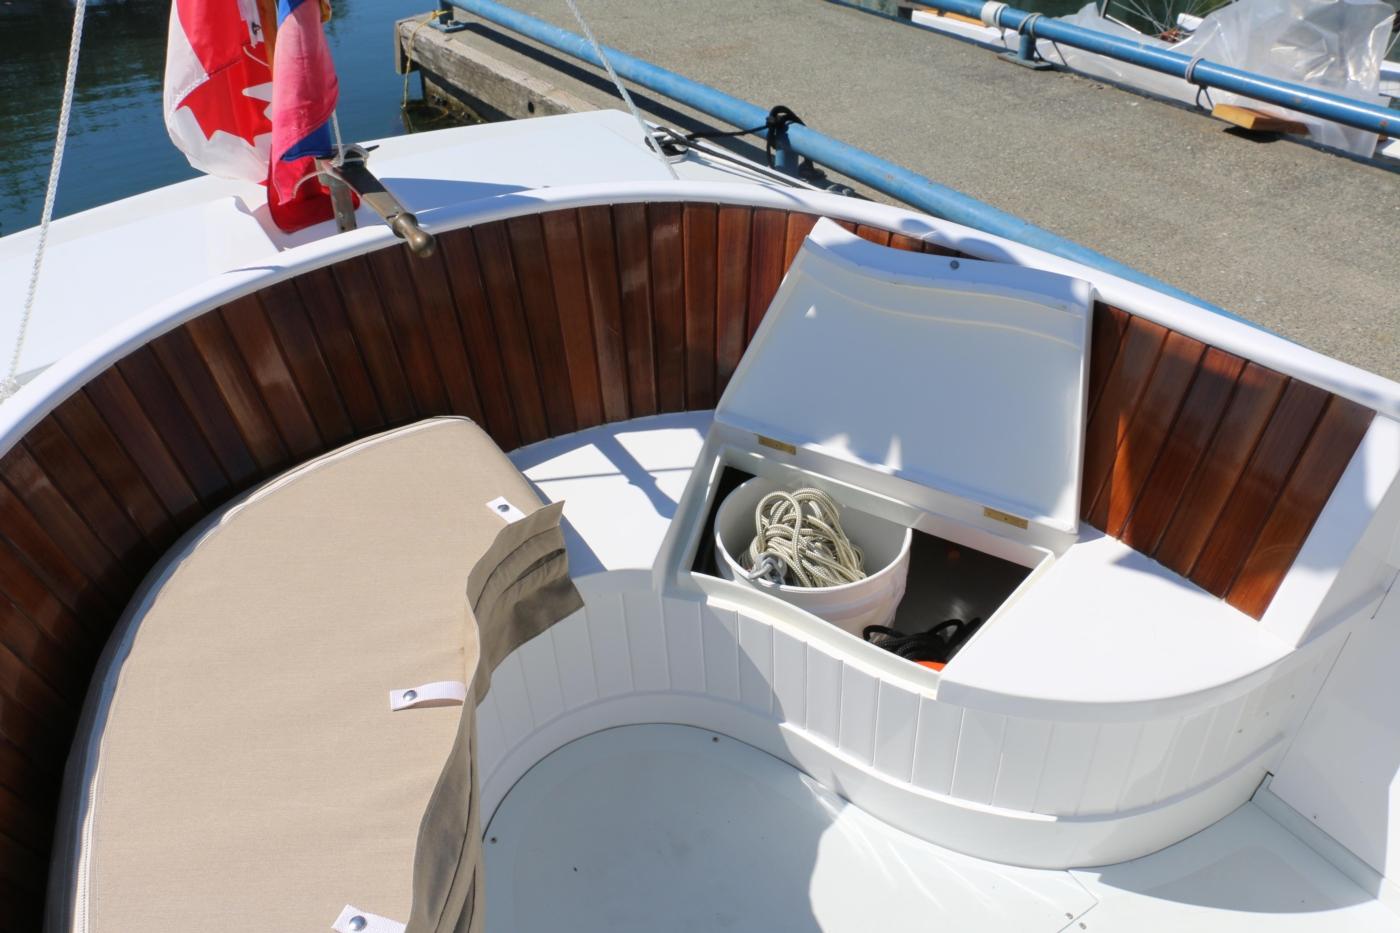 1980 Bill Garden Pocket Cruiser 20, Storage below cockpit seating